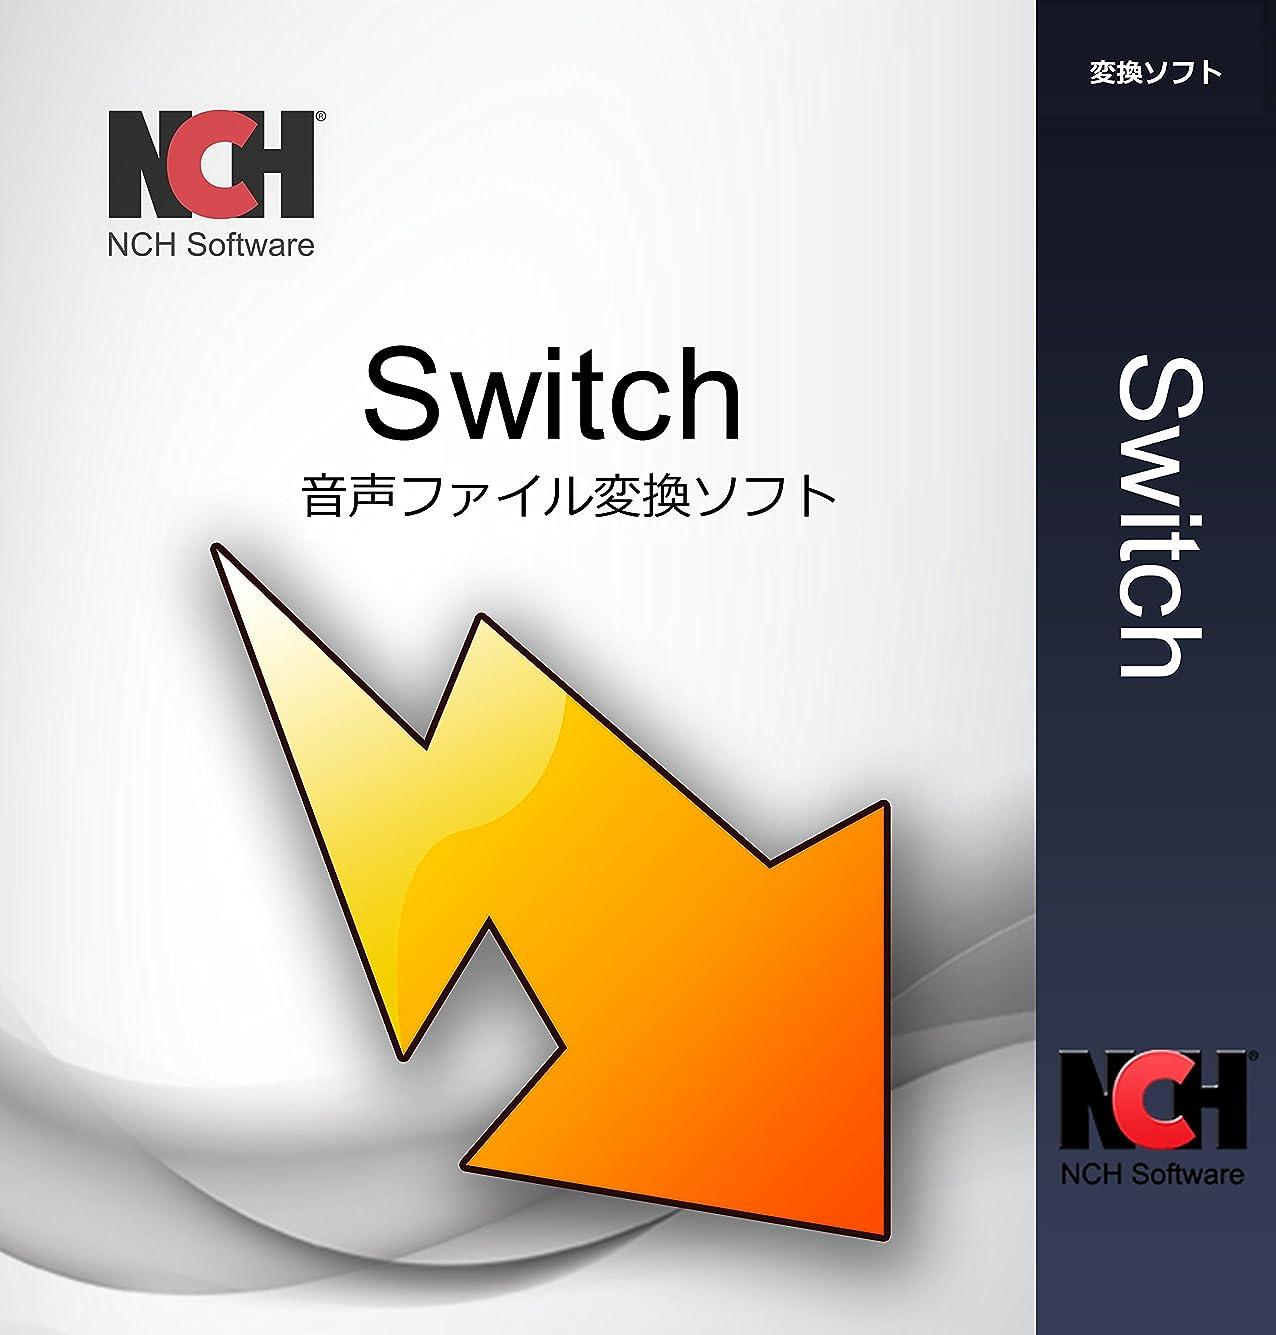 悔い改める習字りSwitch音声ファイル変換ソフトMac版|ダウンロード版